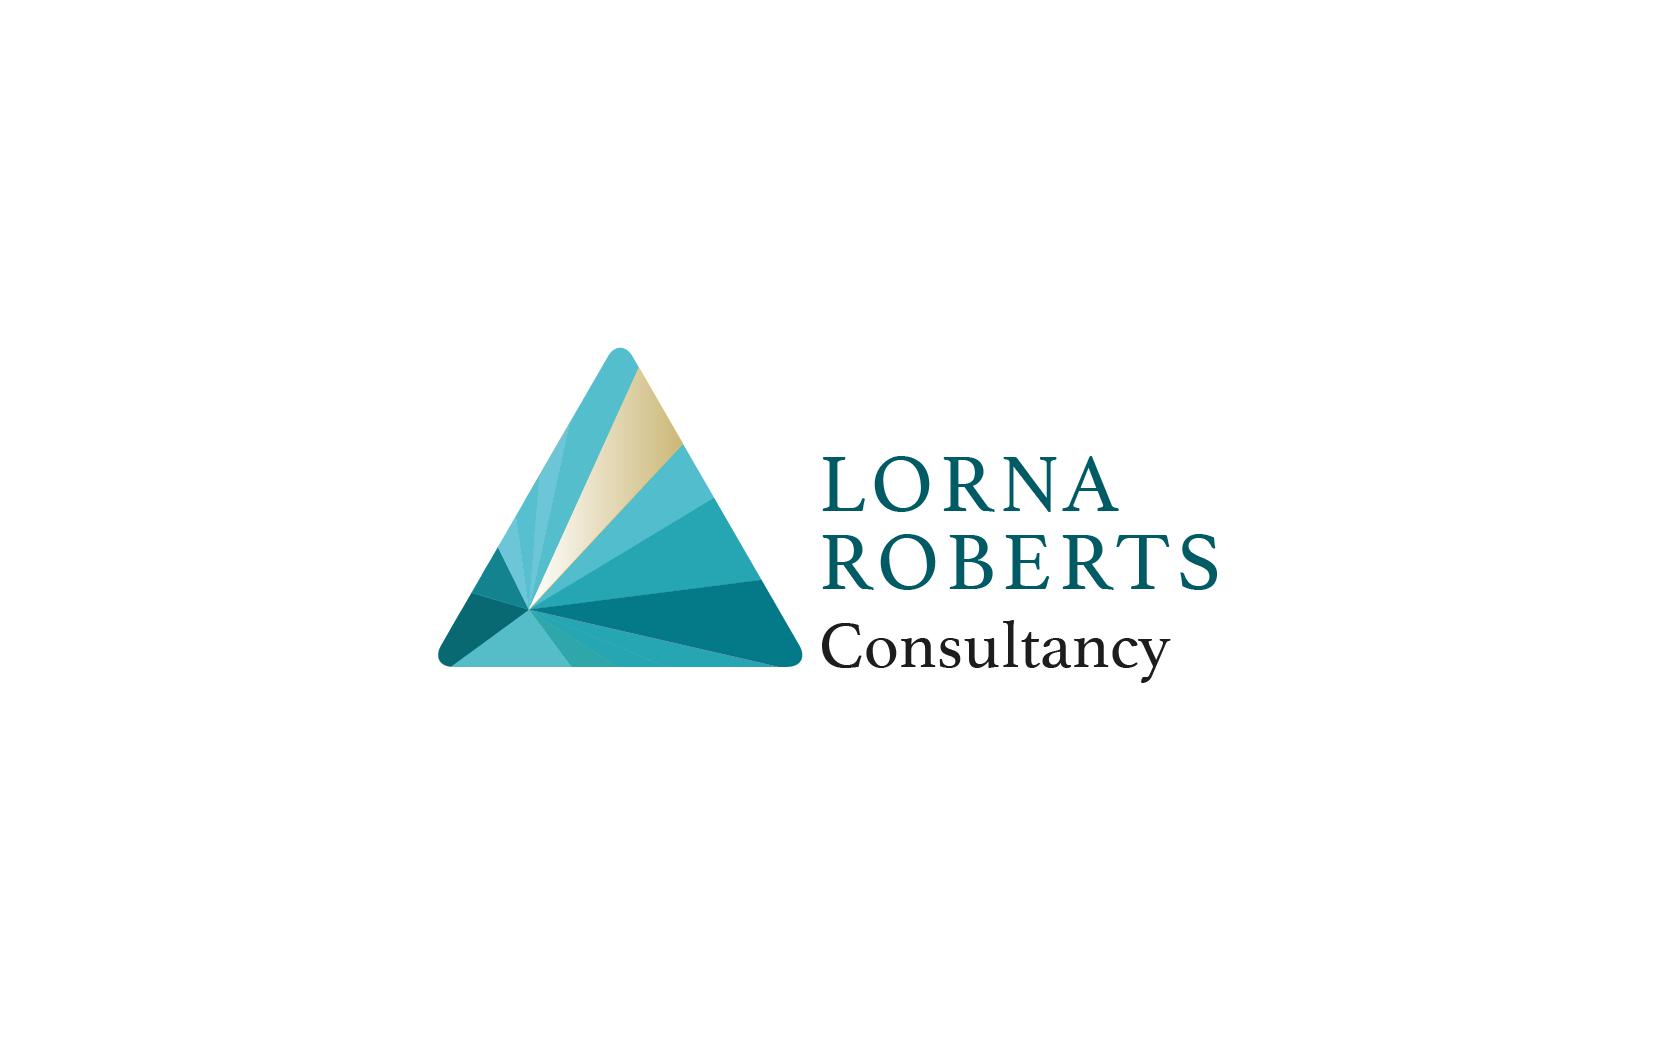 j+design-logo-design-lorna